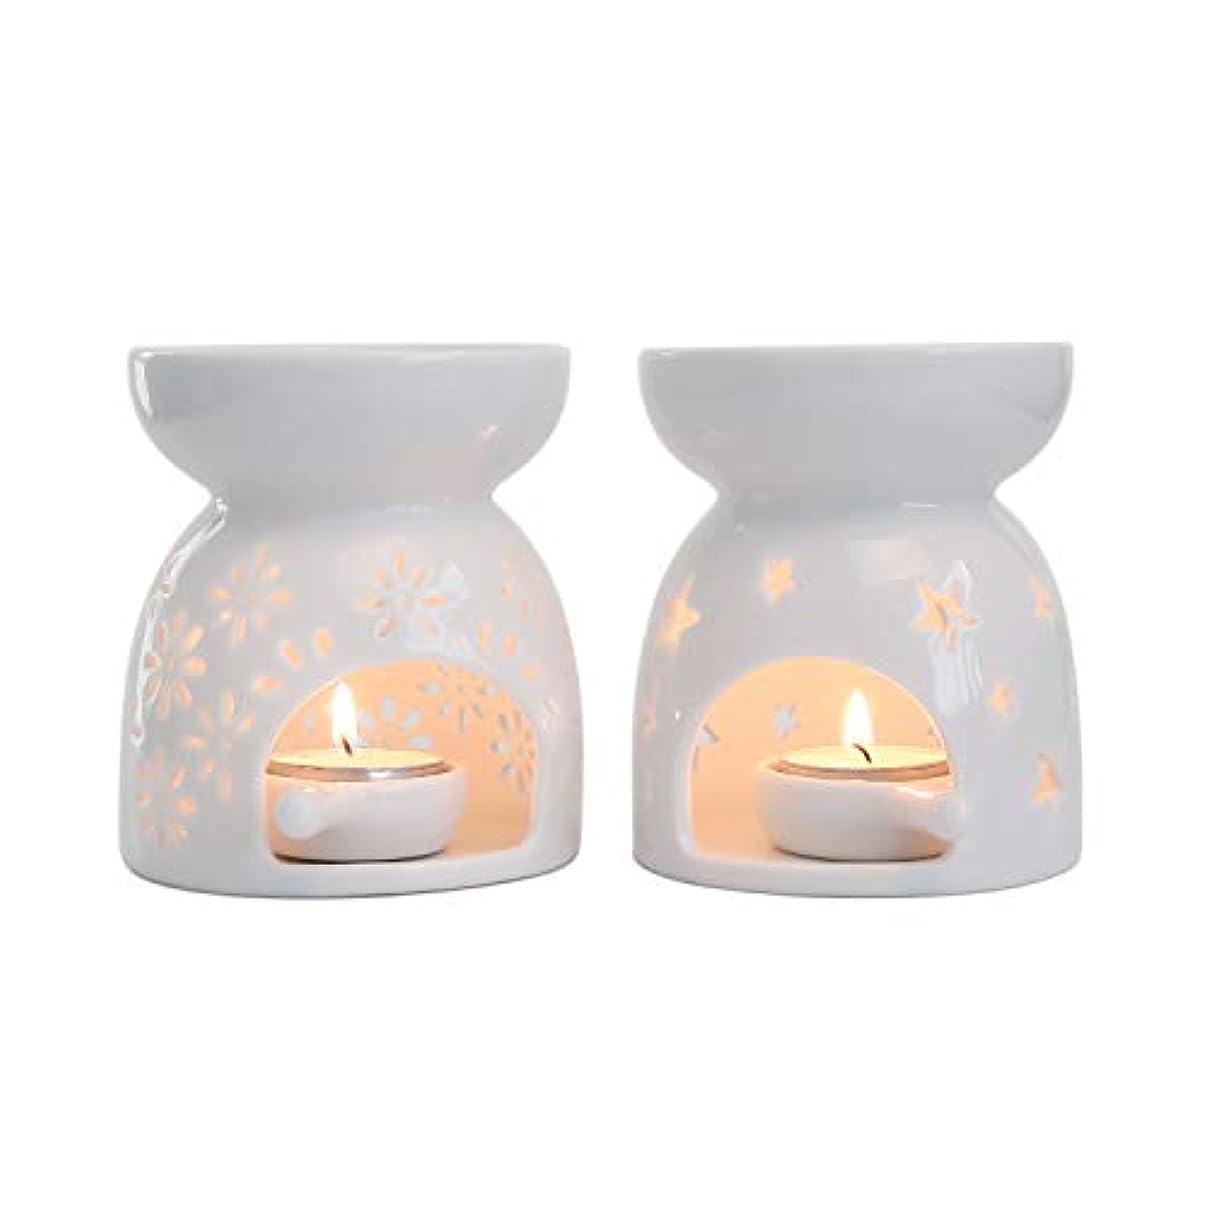 バズモーション光沢のあるRachel's Choice 陶製 アロマ ランプ ディフューザー アロマキャンドル キャンドルホルダー 花形&星形 ホワイト 2点セット